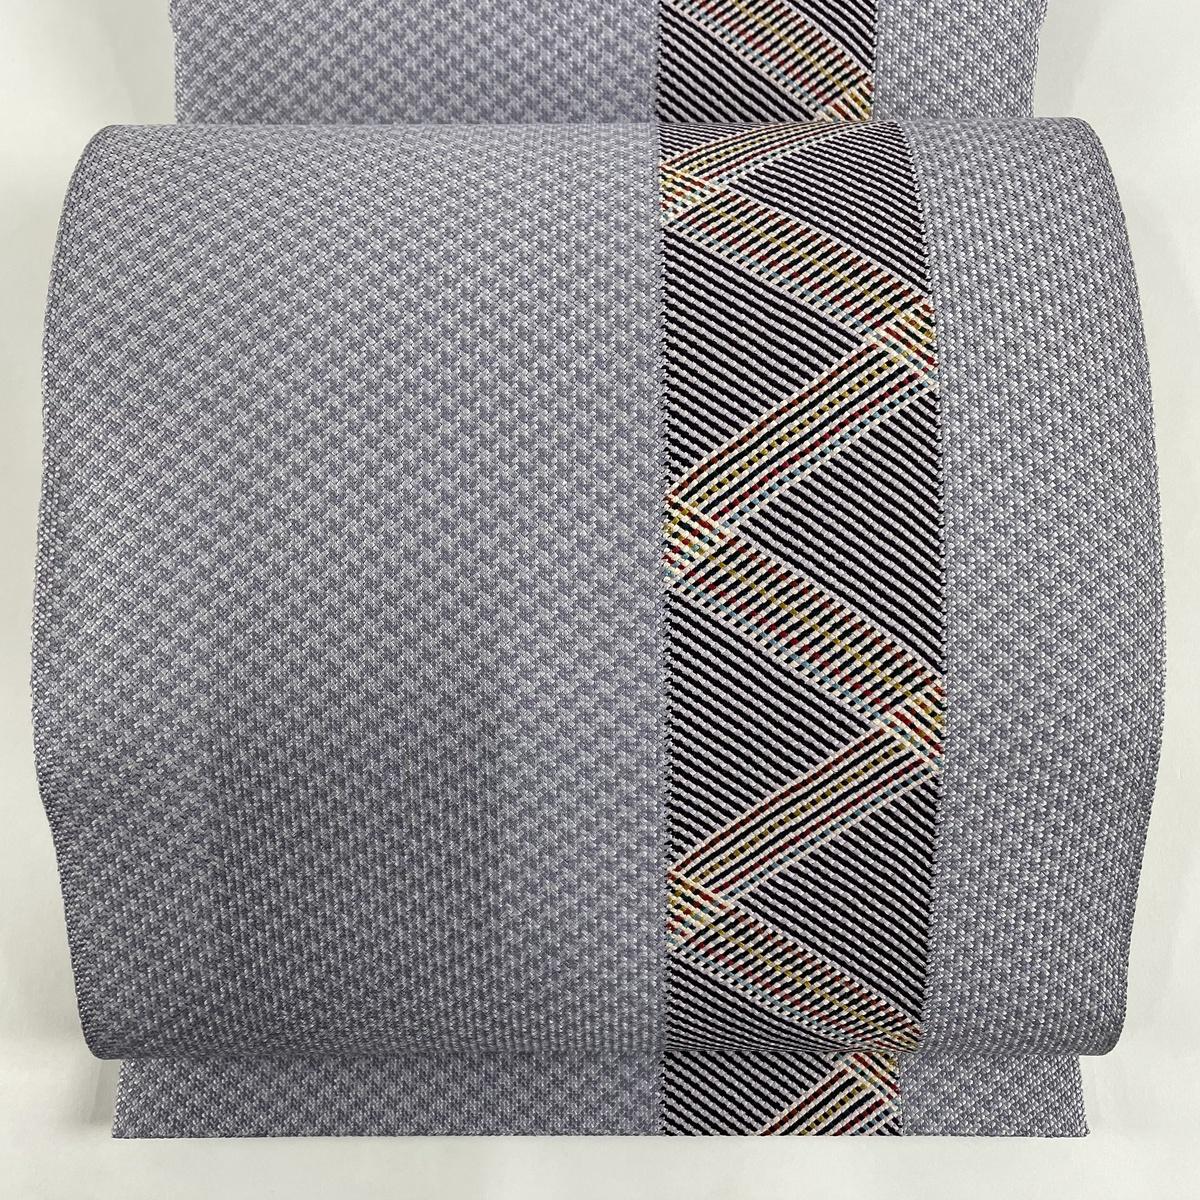 ランクS お気に入り 帯 激安通販 リサイクル 送料無料 開き名古屋帯 美品 幾何学 秀品 薄紫 中古 正絹